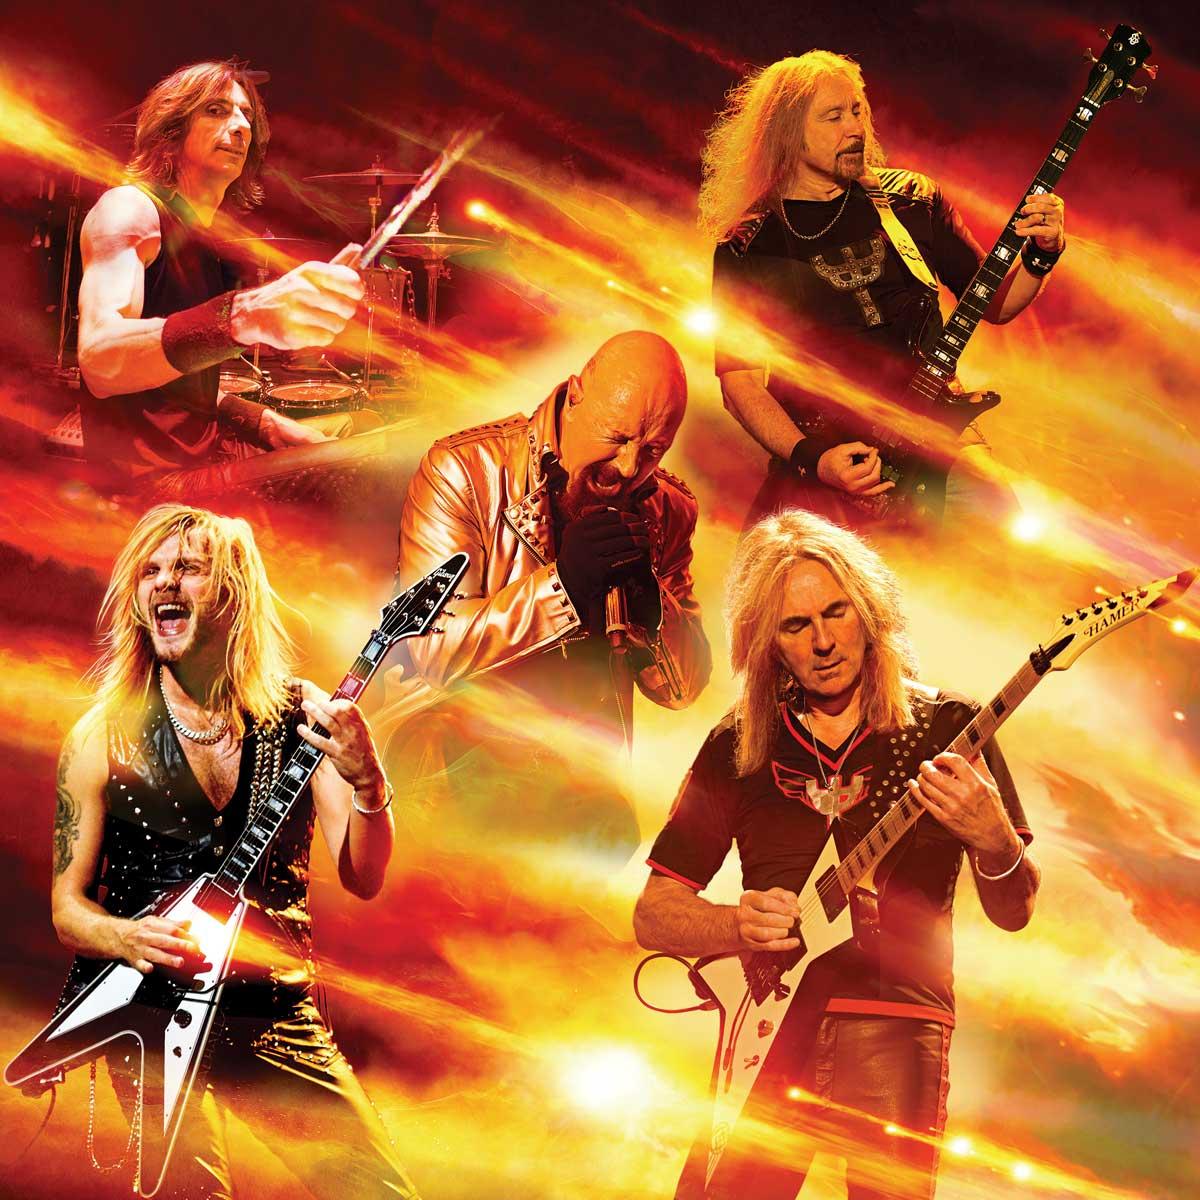 f2ad85437 Judas Priest | ITB | International Talent Booking. Live music ...